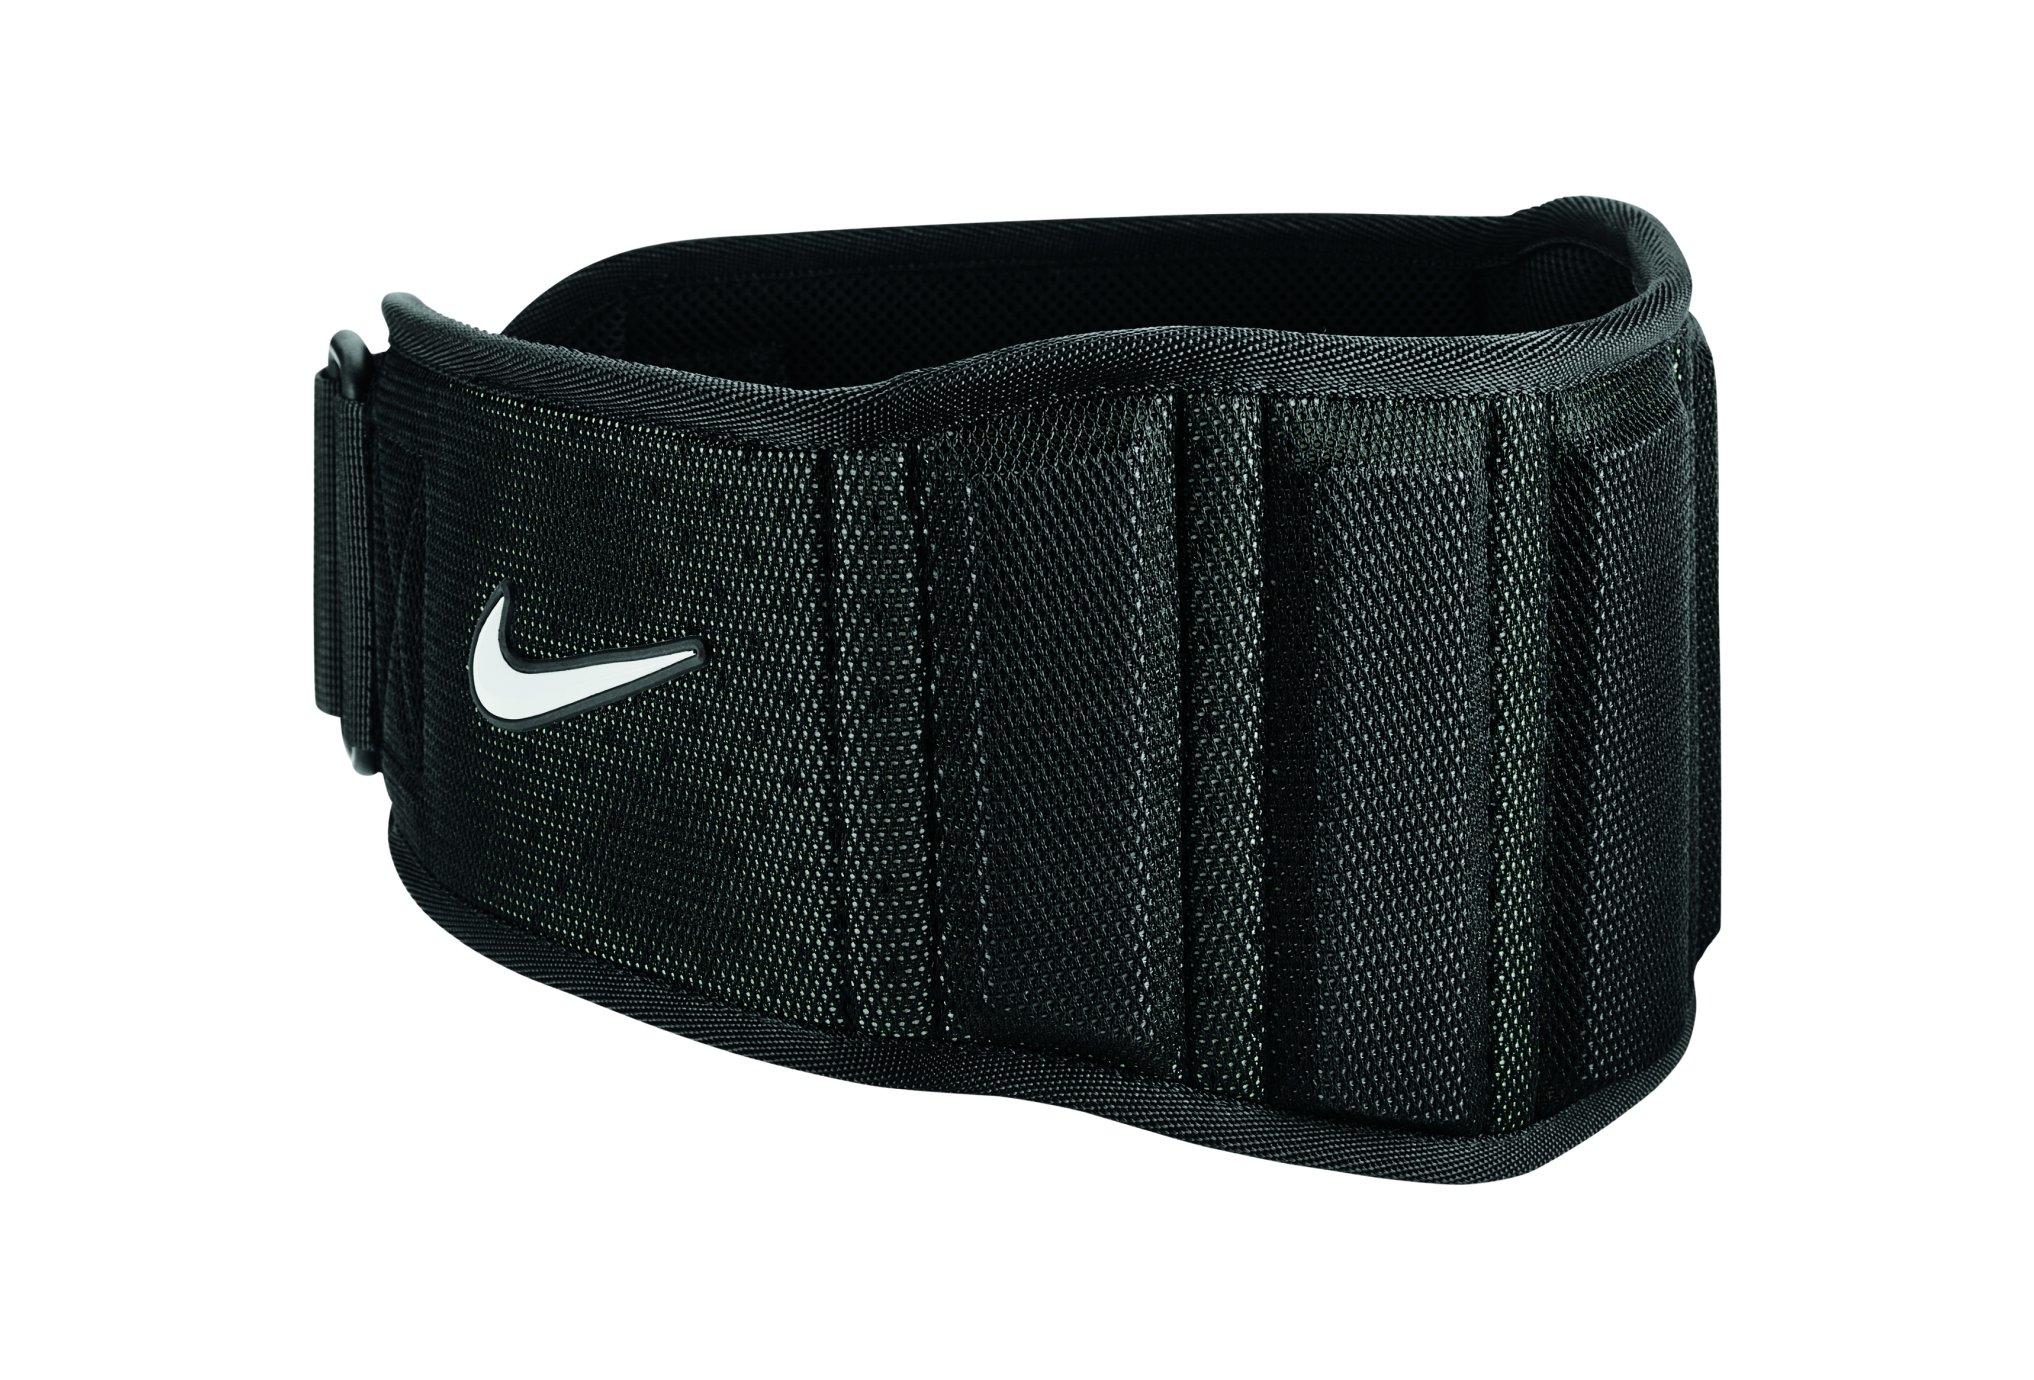 Nike Structured TRining Belt 3.0 Training